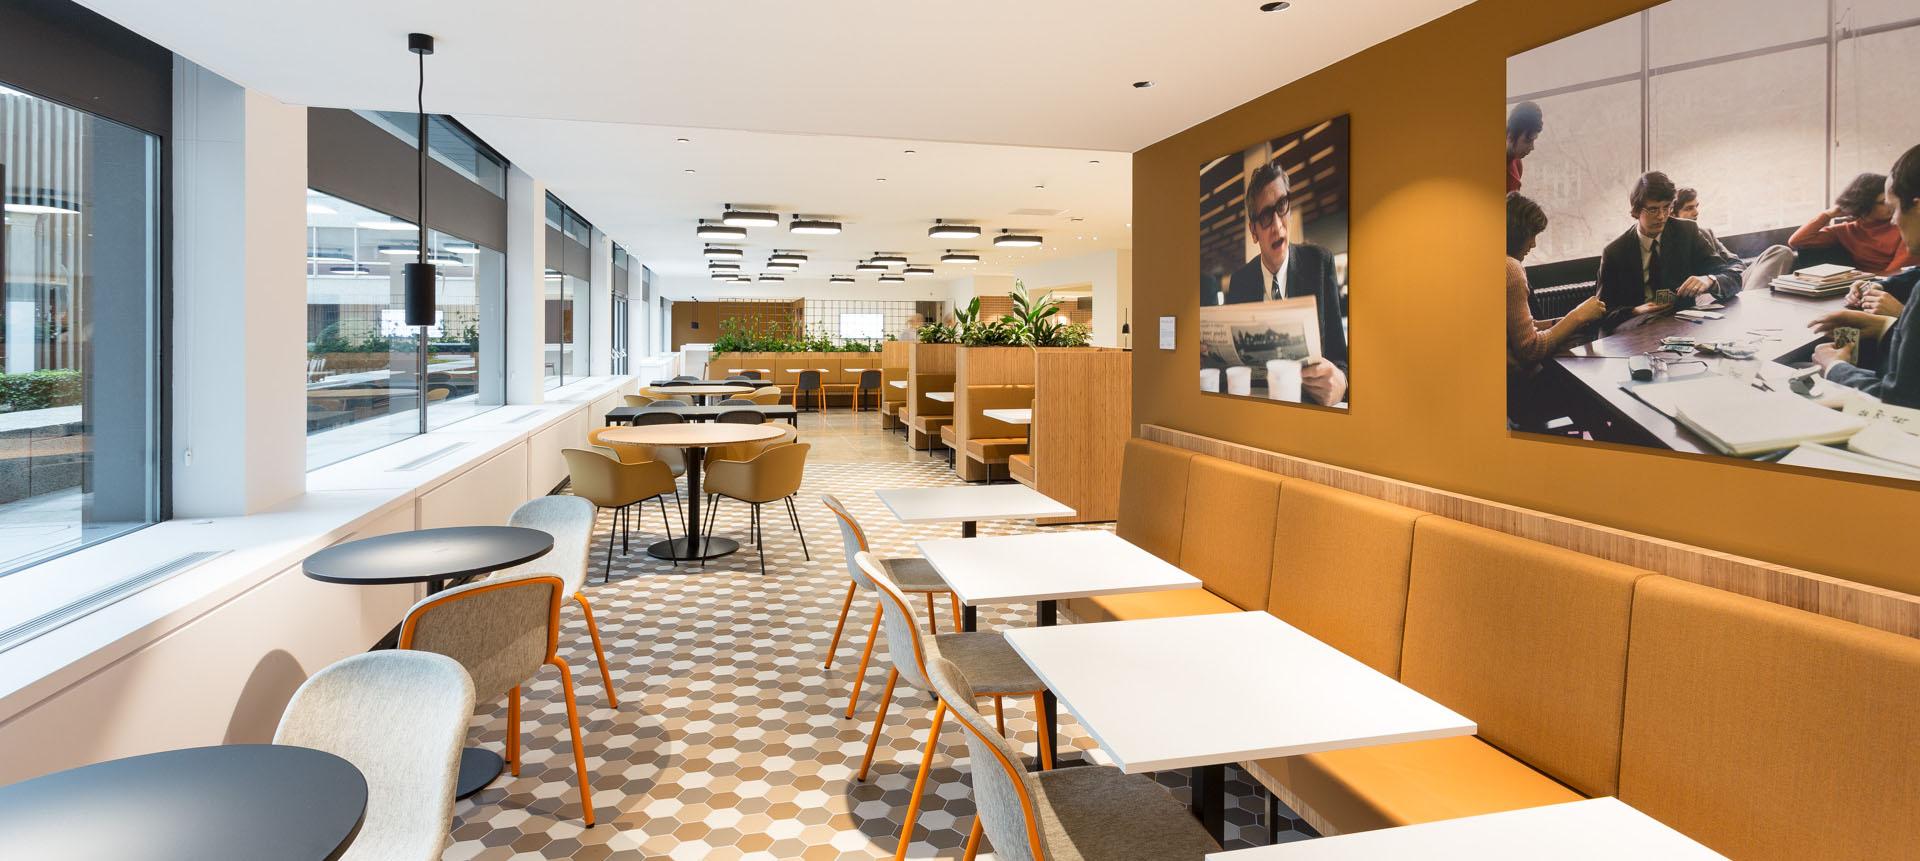 ZENBER Architecten ontwerpt bedrijfsrestaurant voor Nationale-Nederlanden